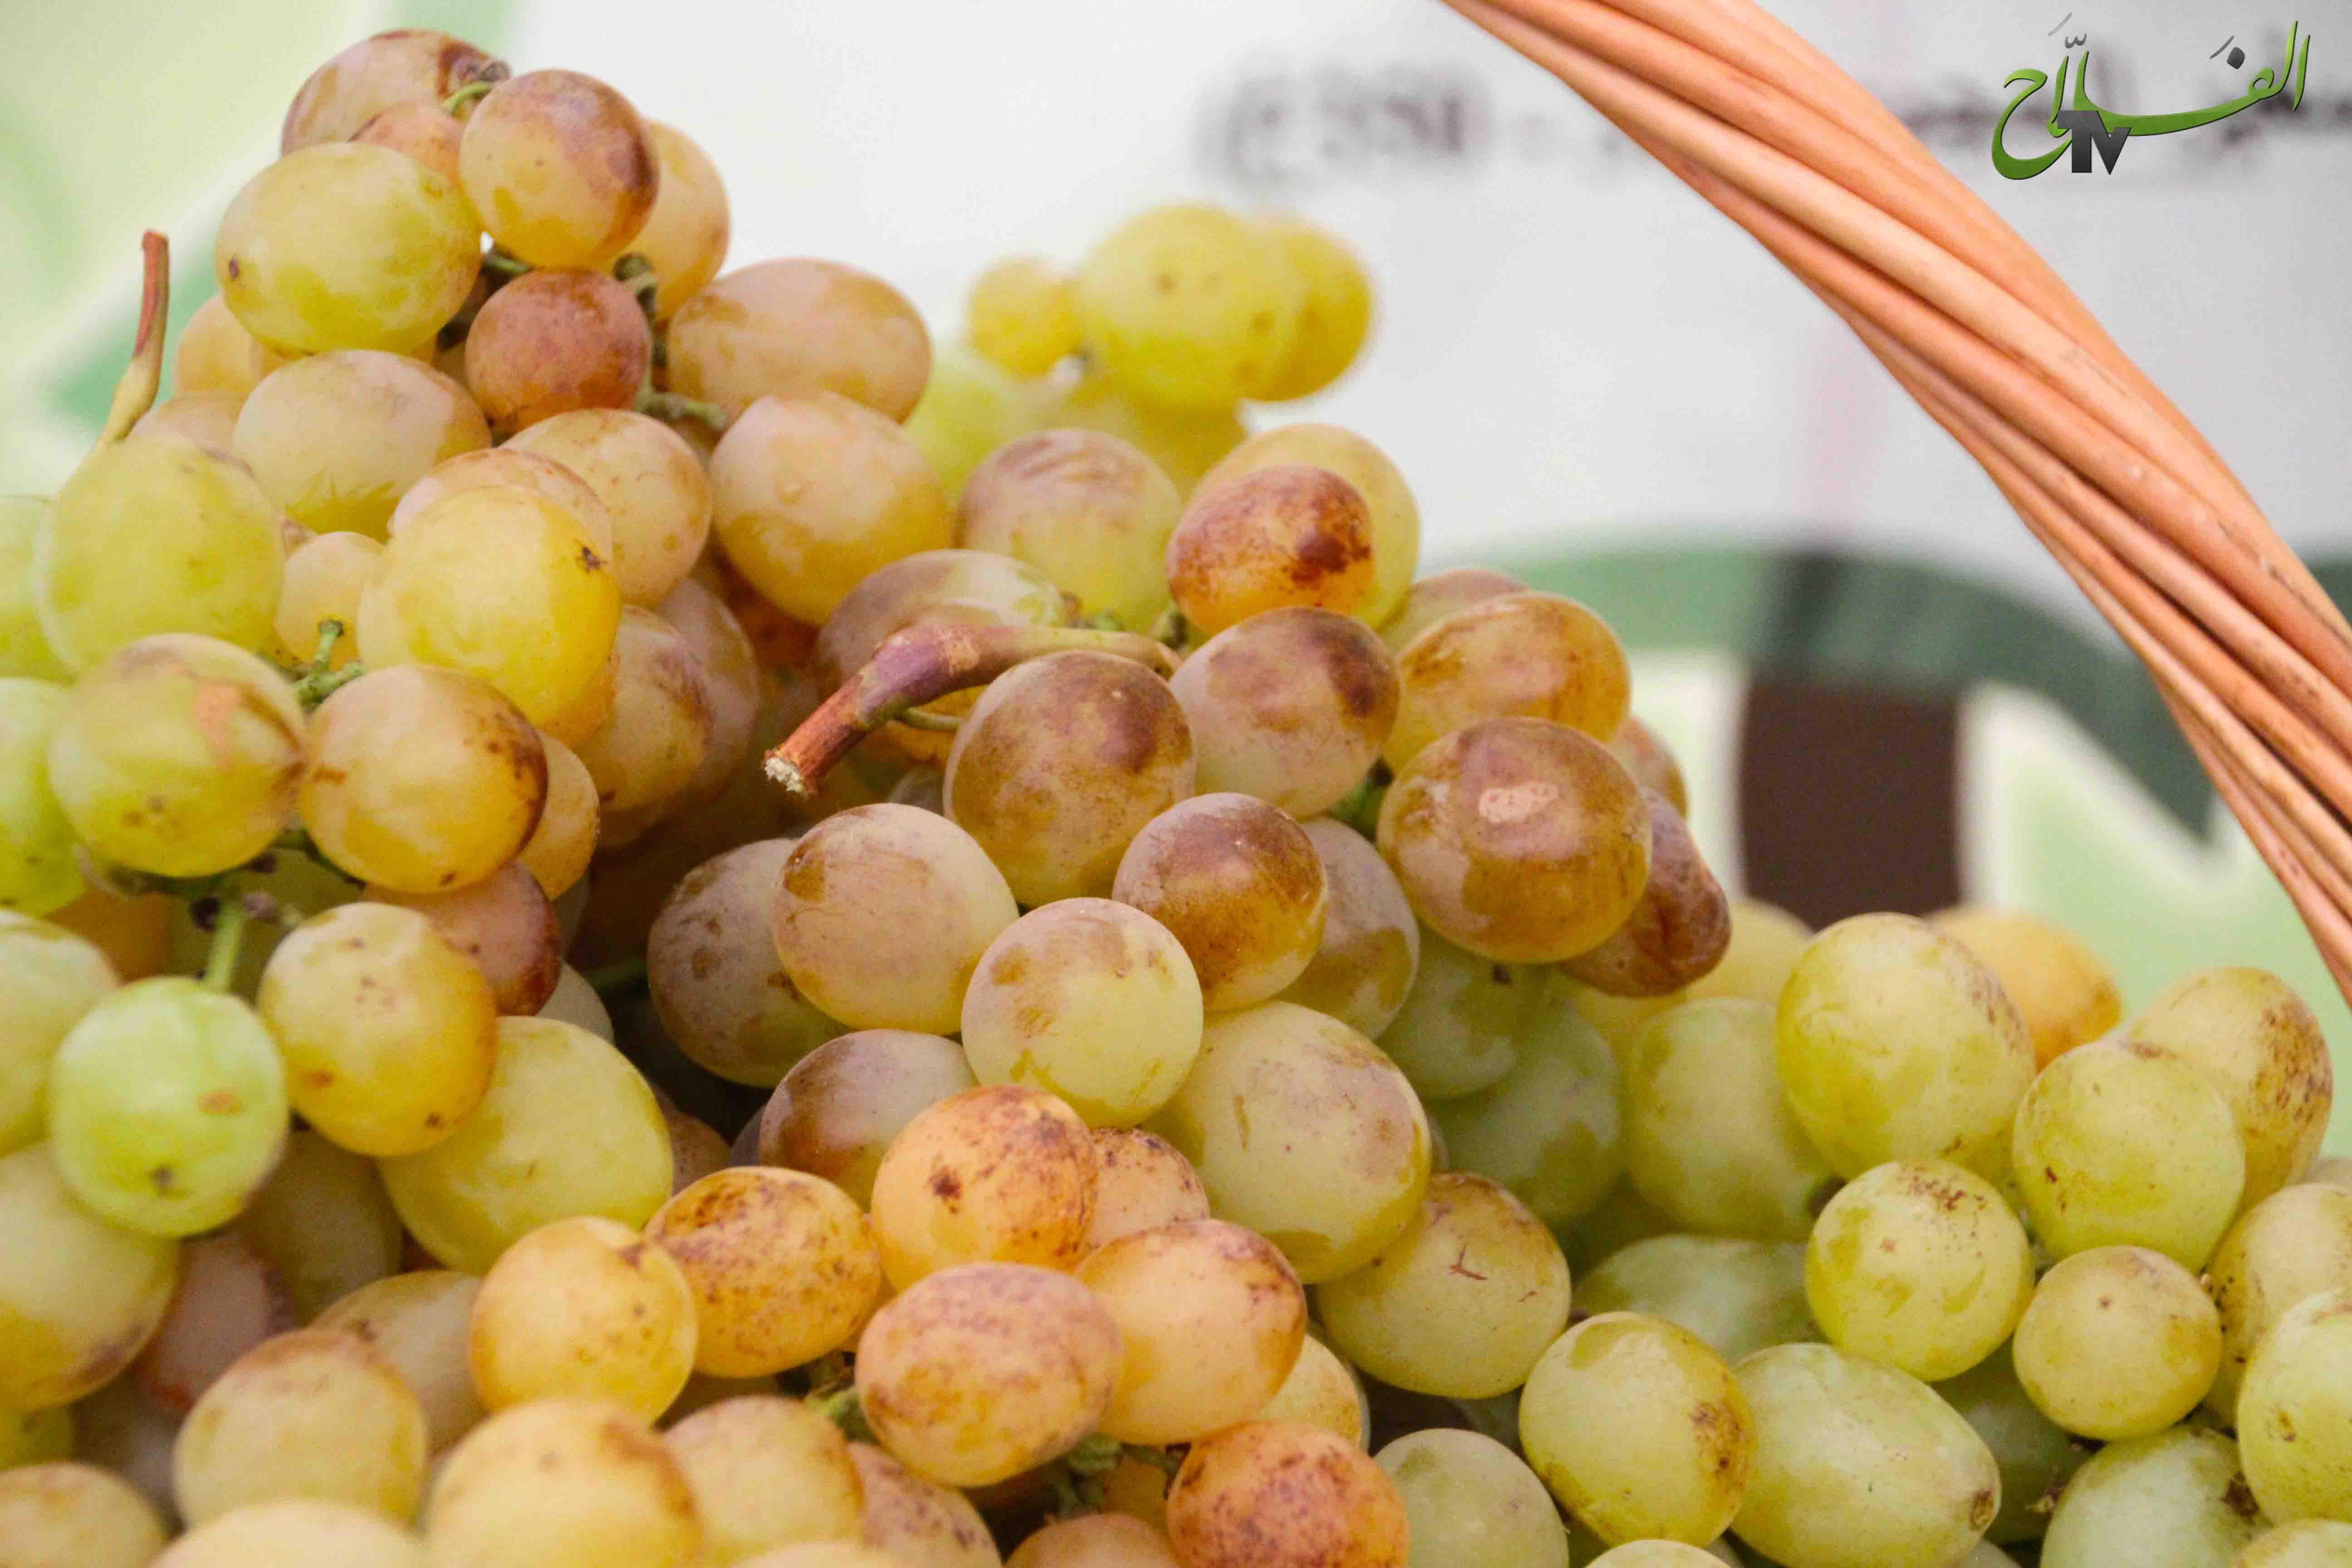 مهرجان العنب ببوزنيقة يحتفي بقطاع الكروم